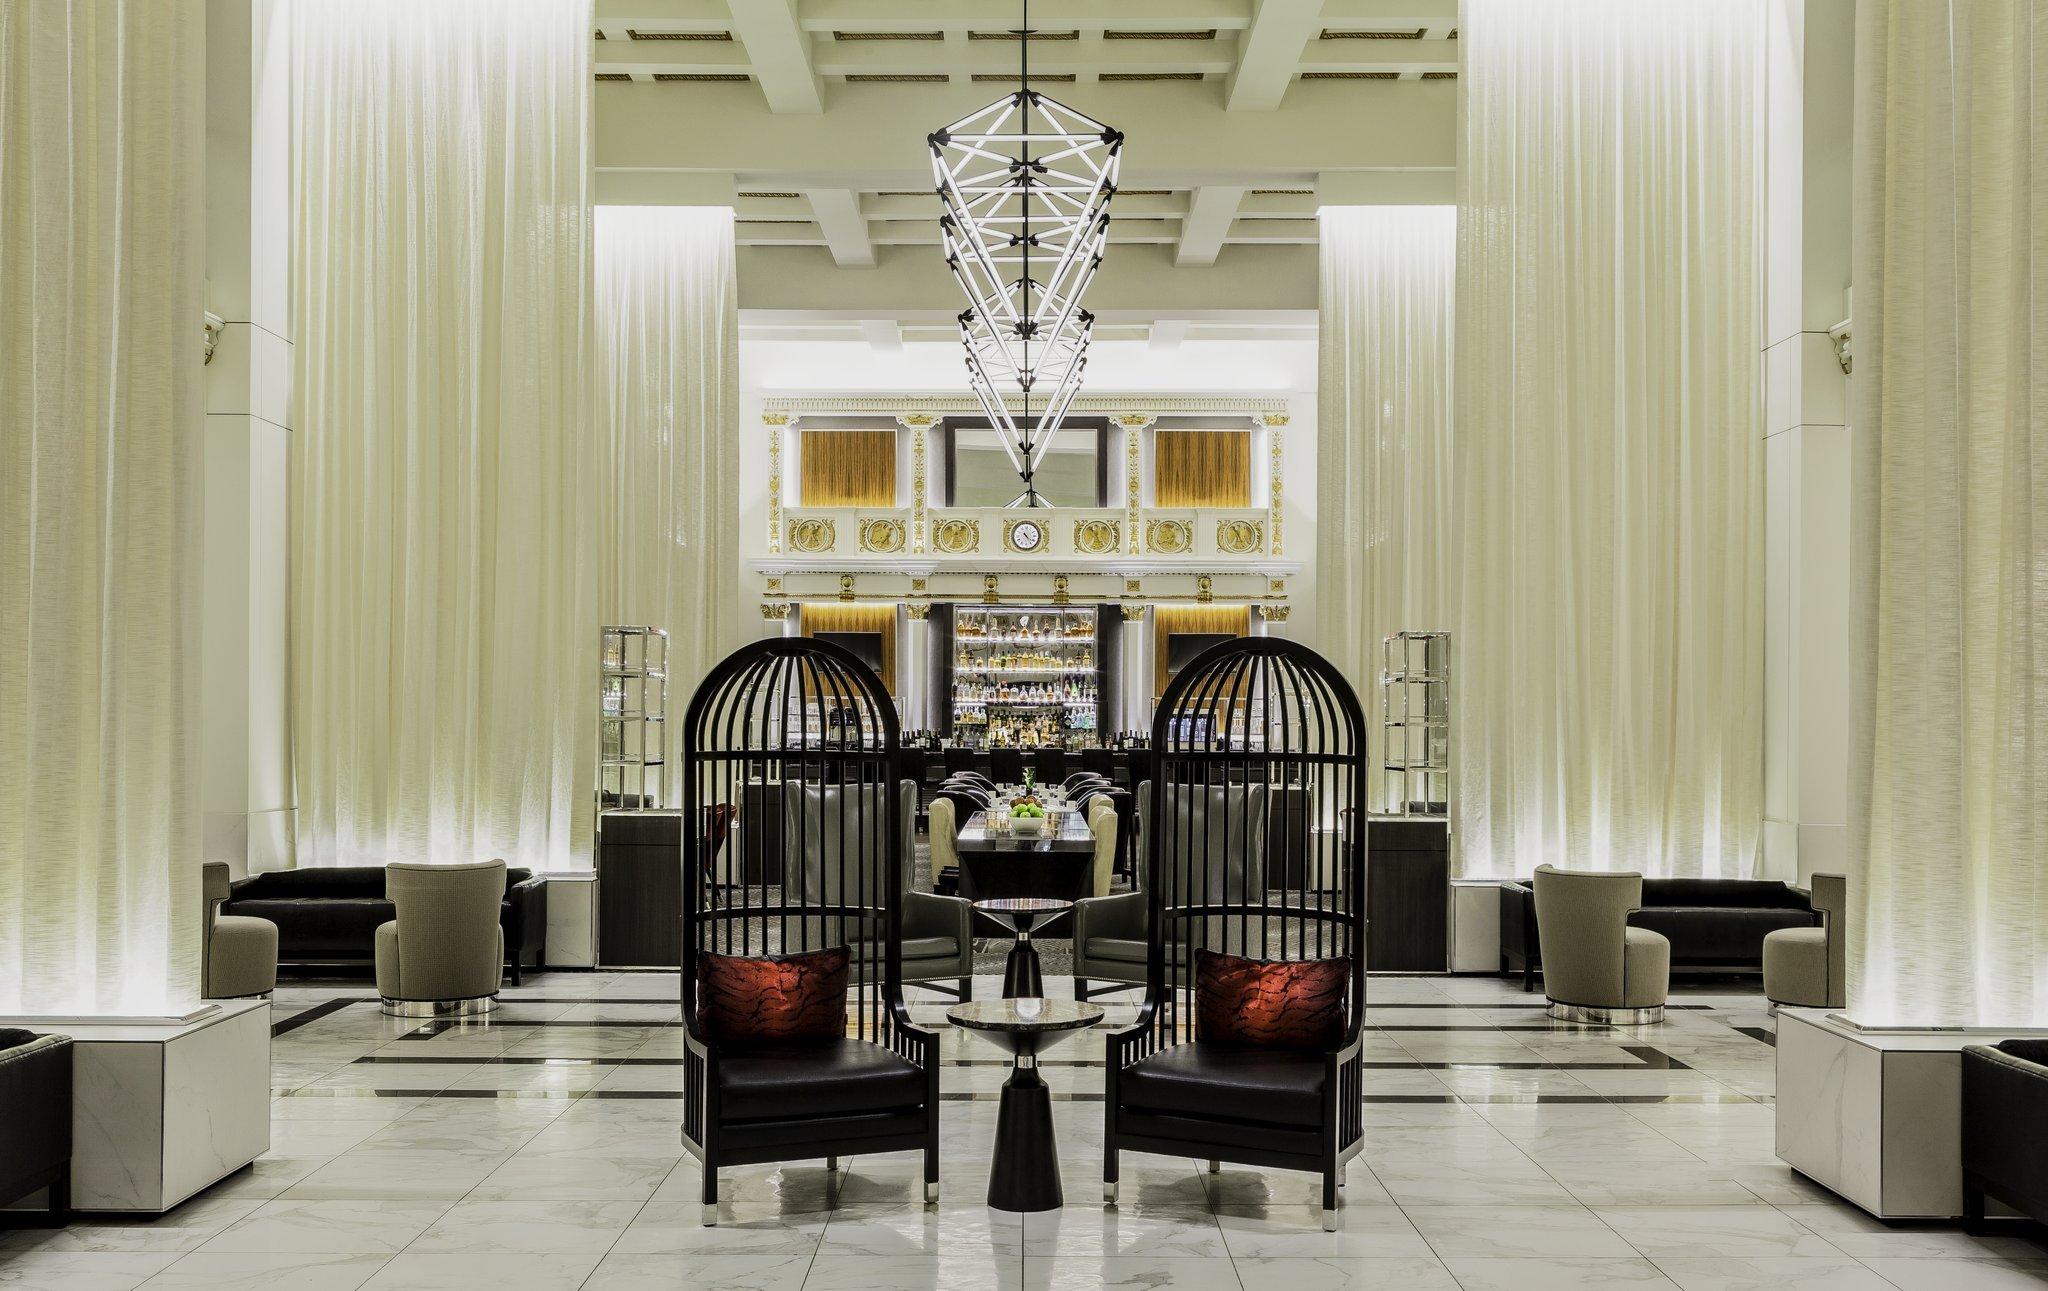 โรงแรมบอสตัน พาร์ก พลาซาแอนทาวเวอร์